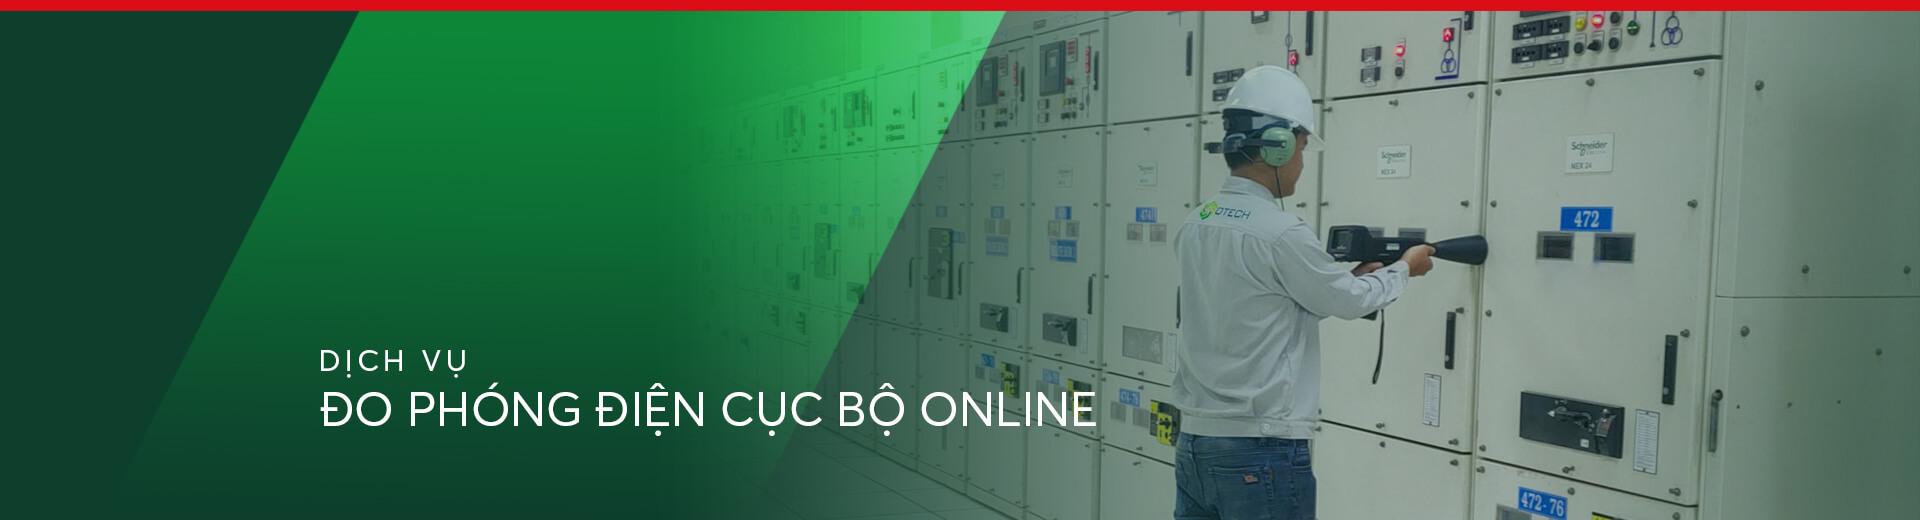 Dịch vụ đo phóng điện cục bộ online (PD) hệ thống điện